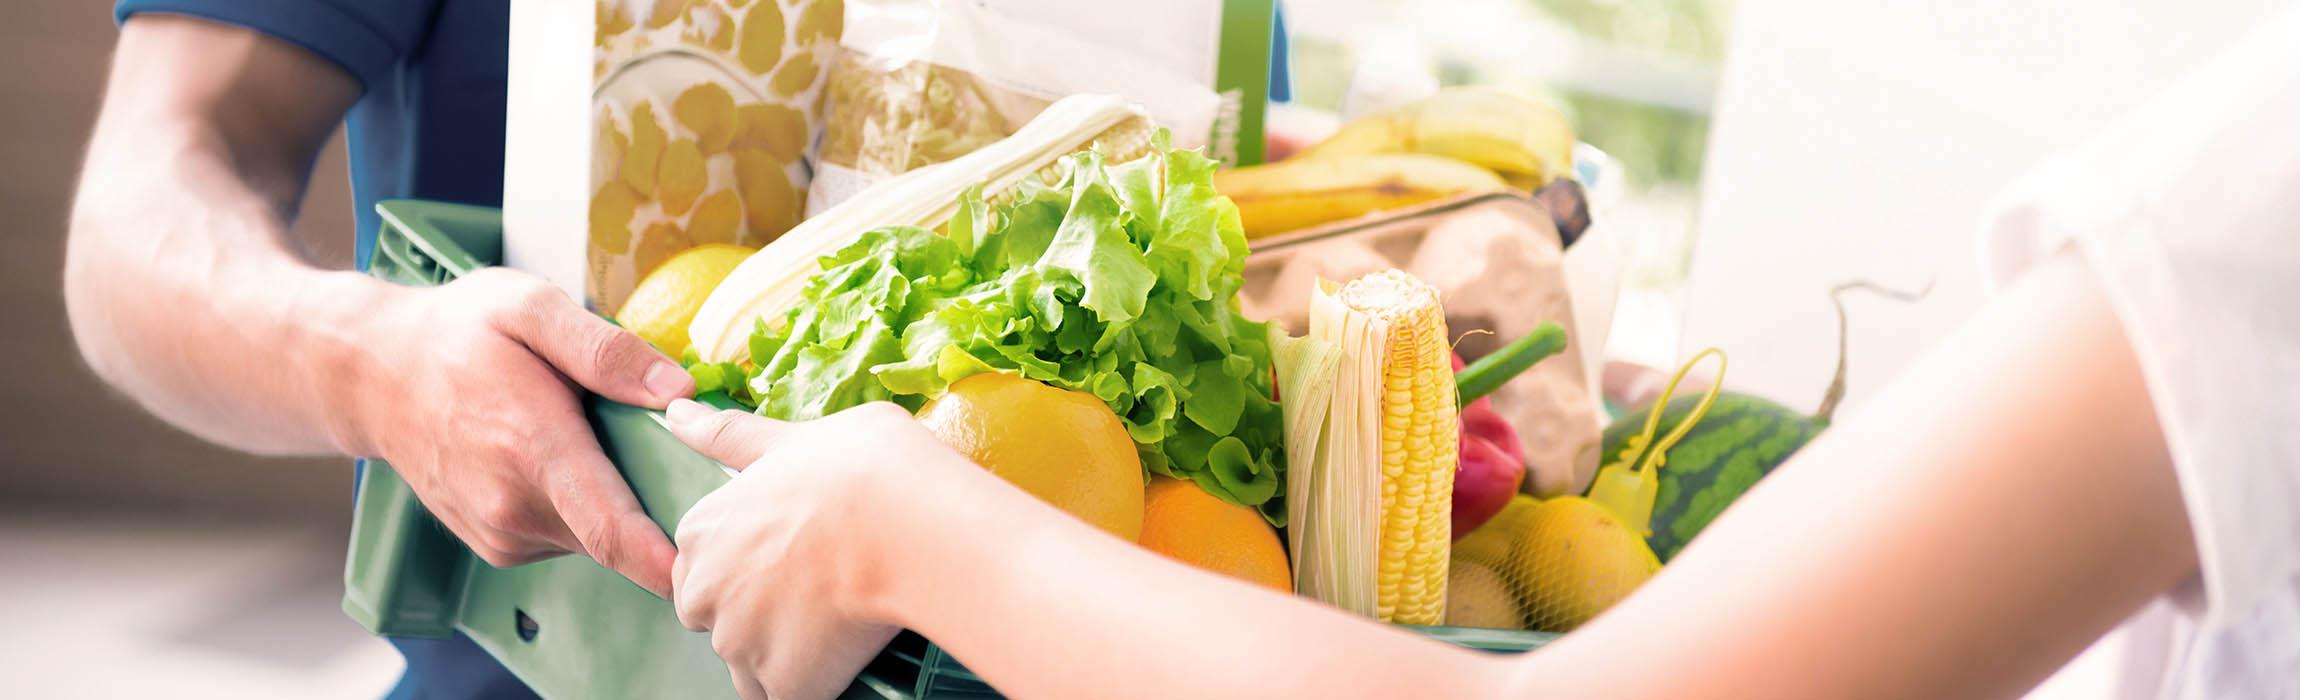 Kompetenz und Erfahrung im Bereich (Online-)Lebensmittel.